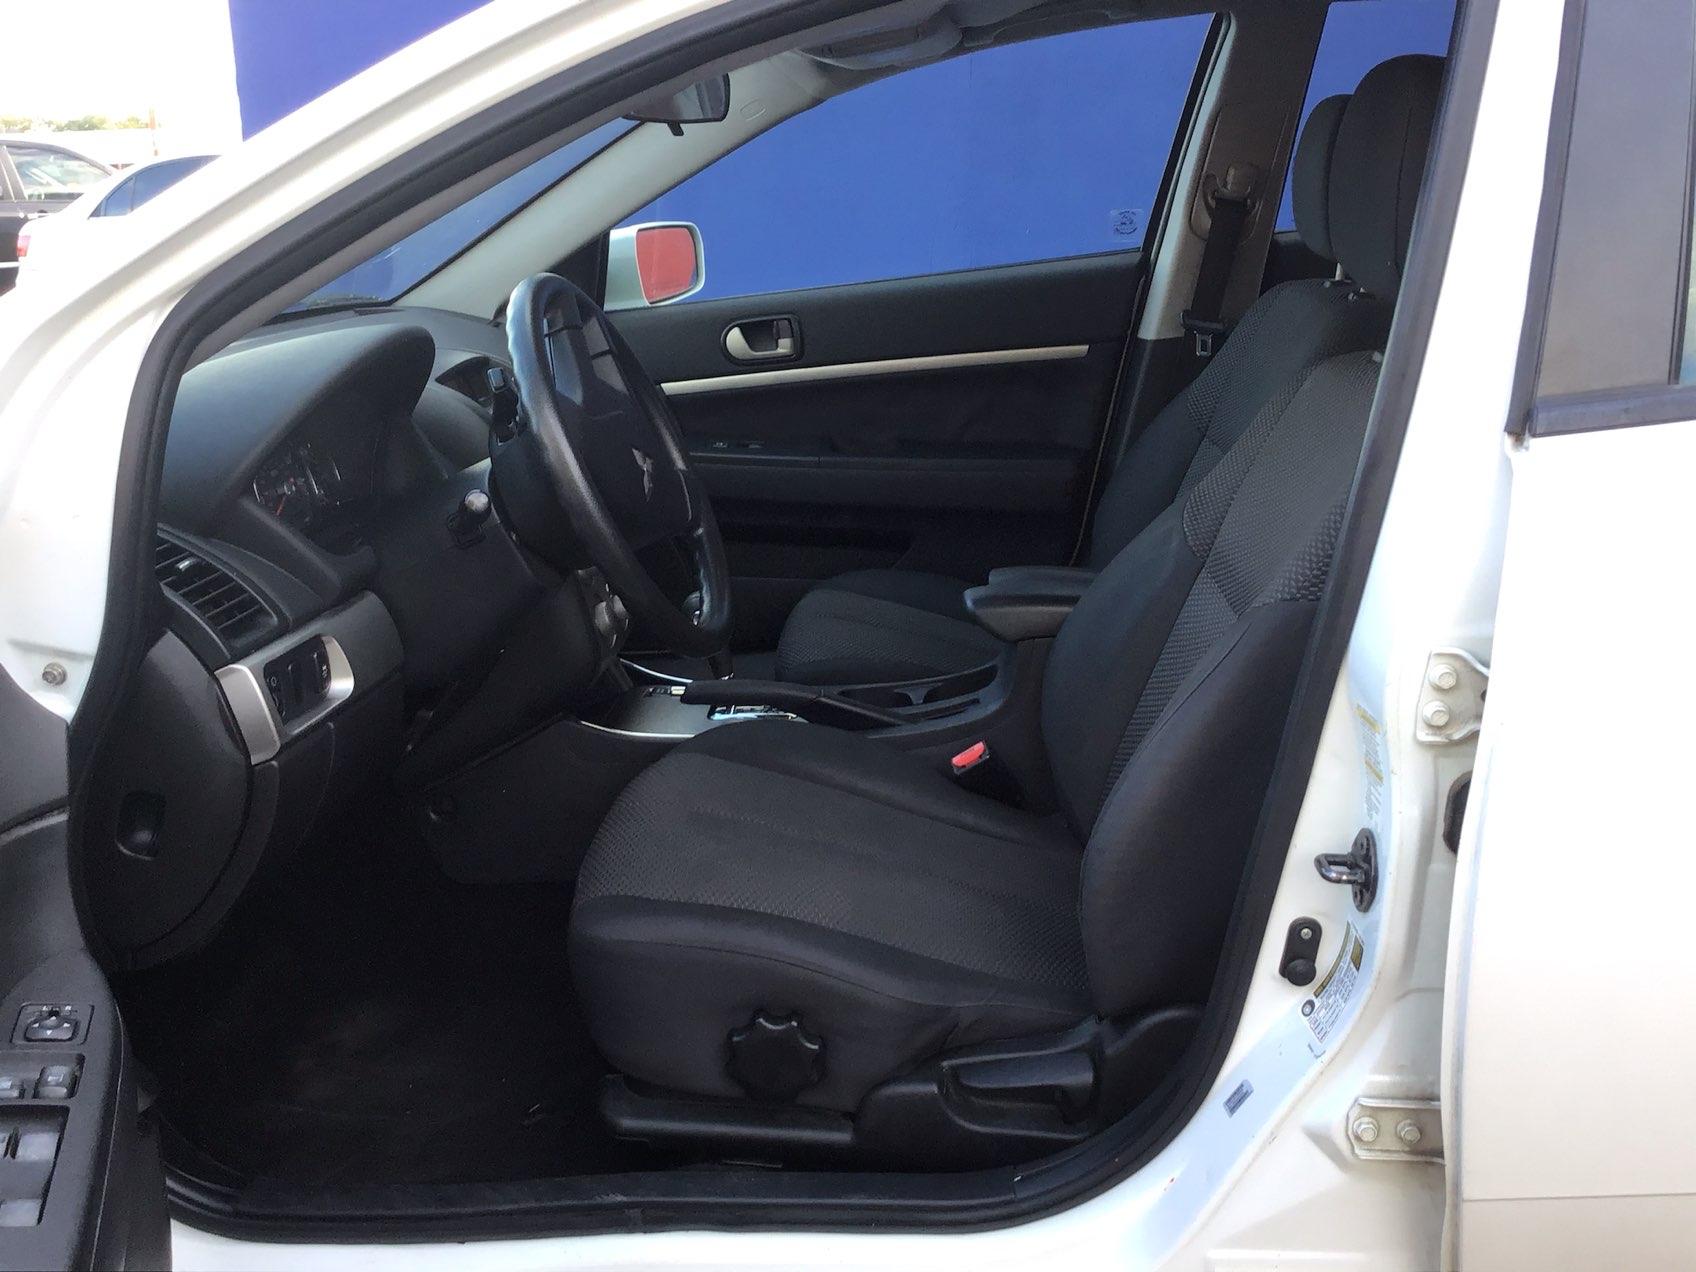 used vehicle - 4 DOOR SEDAN MITSUBISHI GALANT 2012